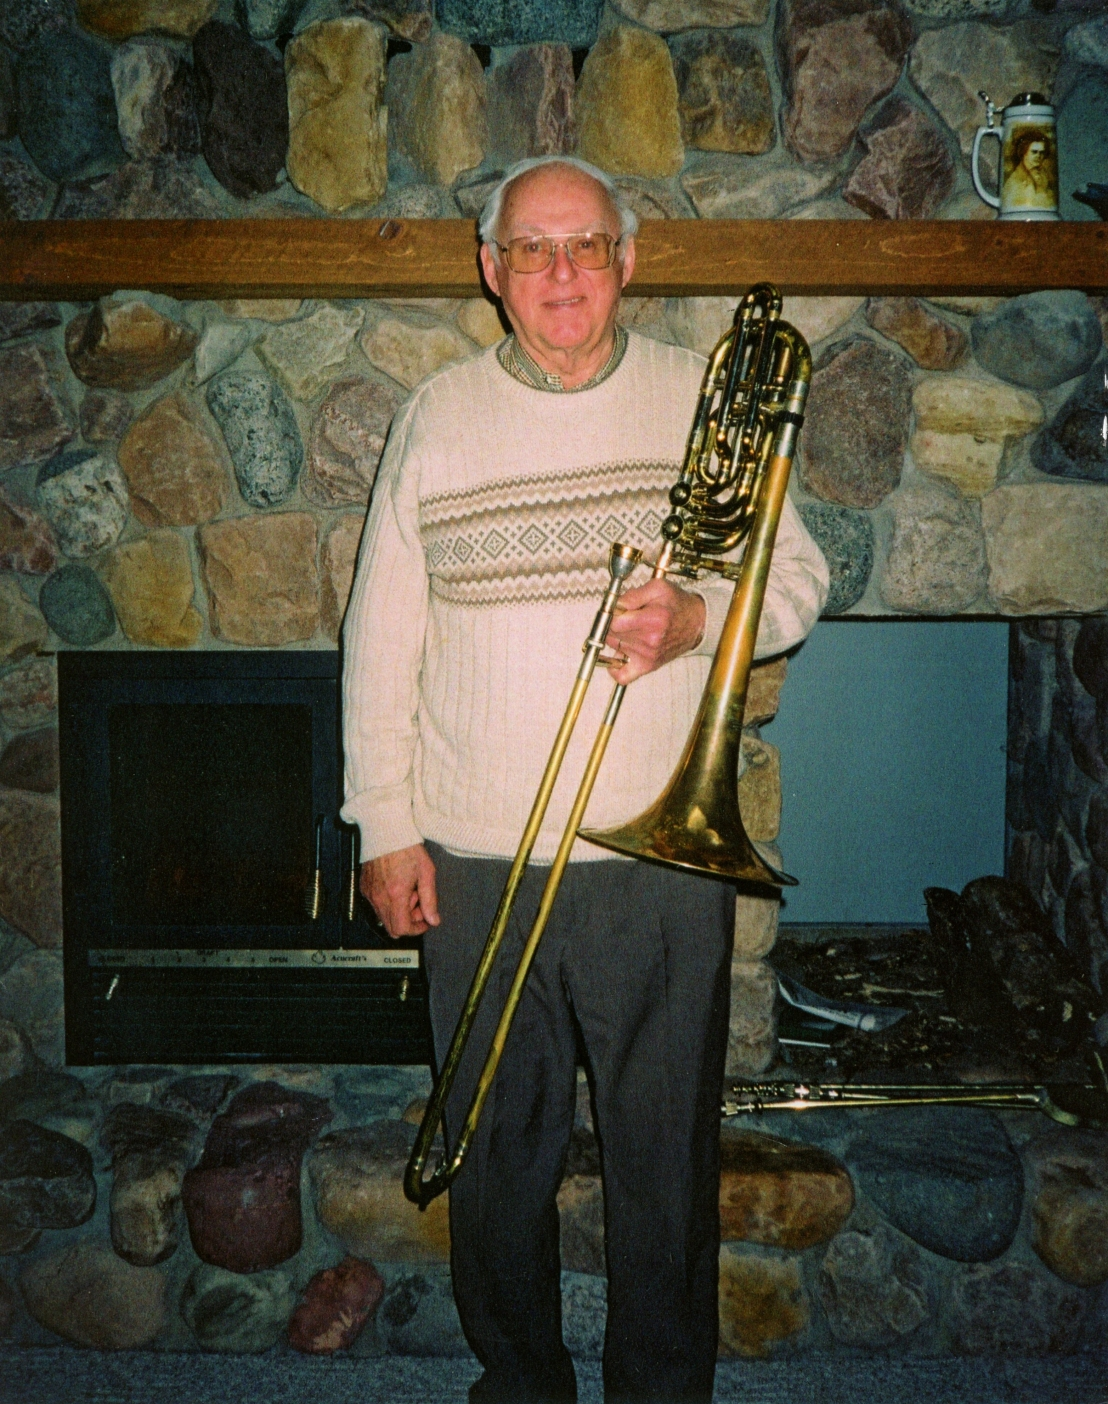 Edward Kleinhammer_c2005